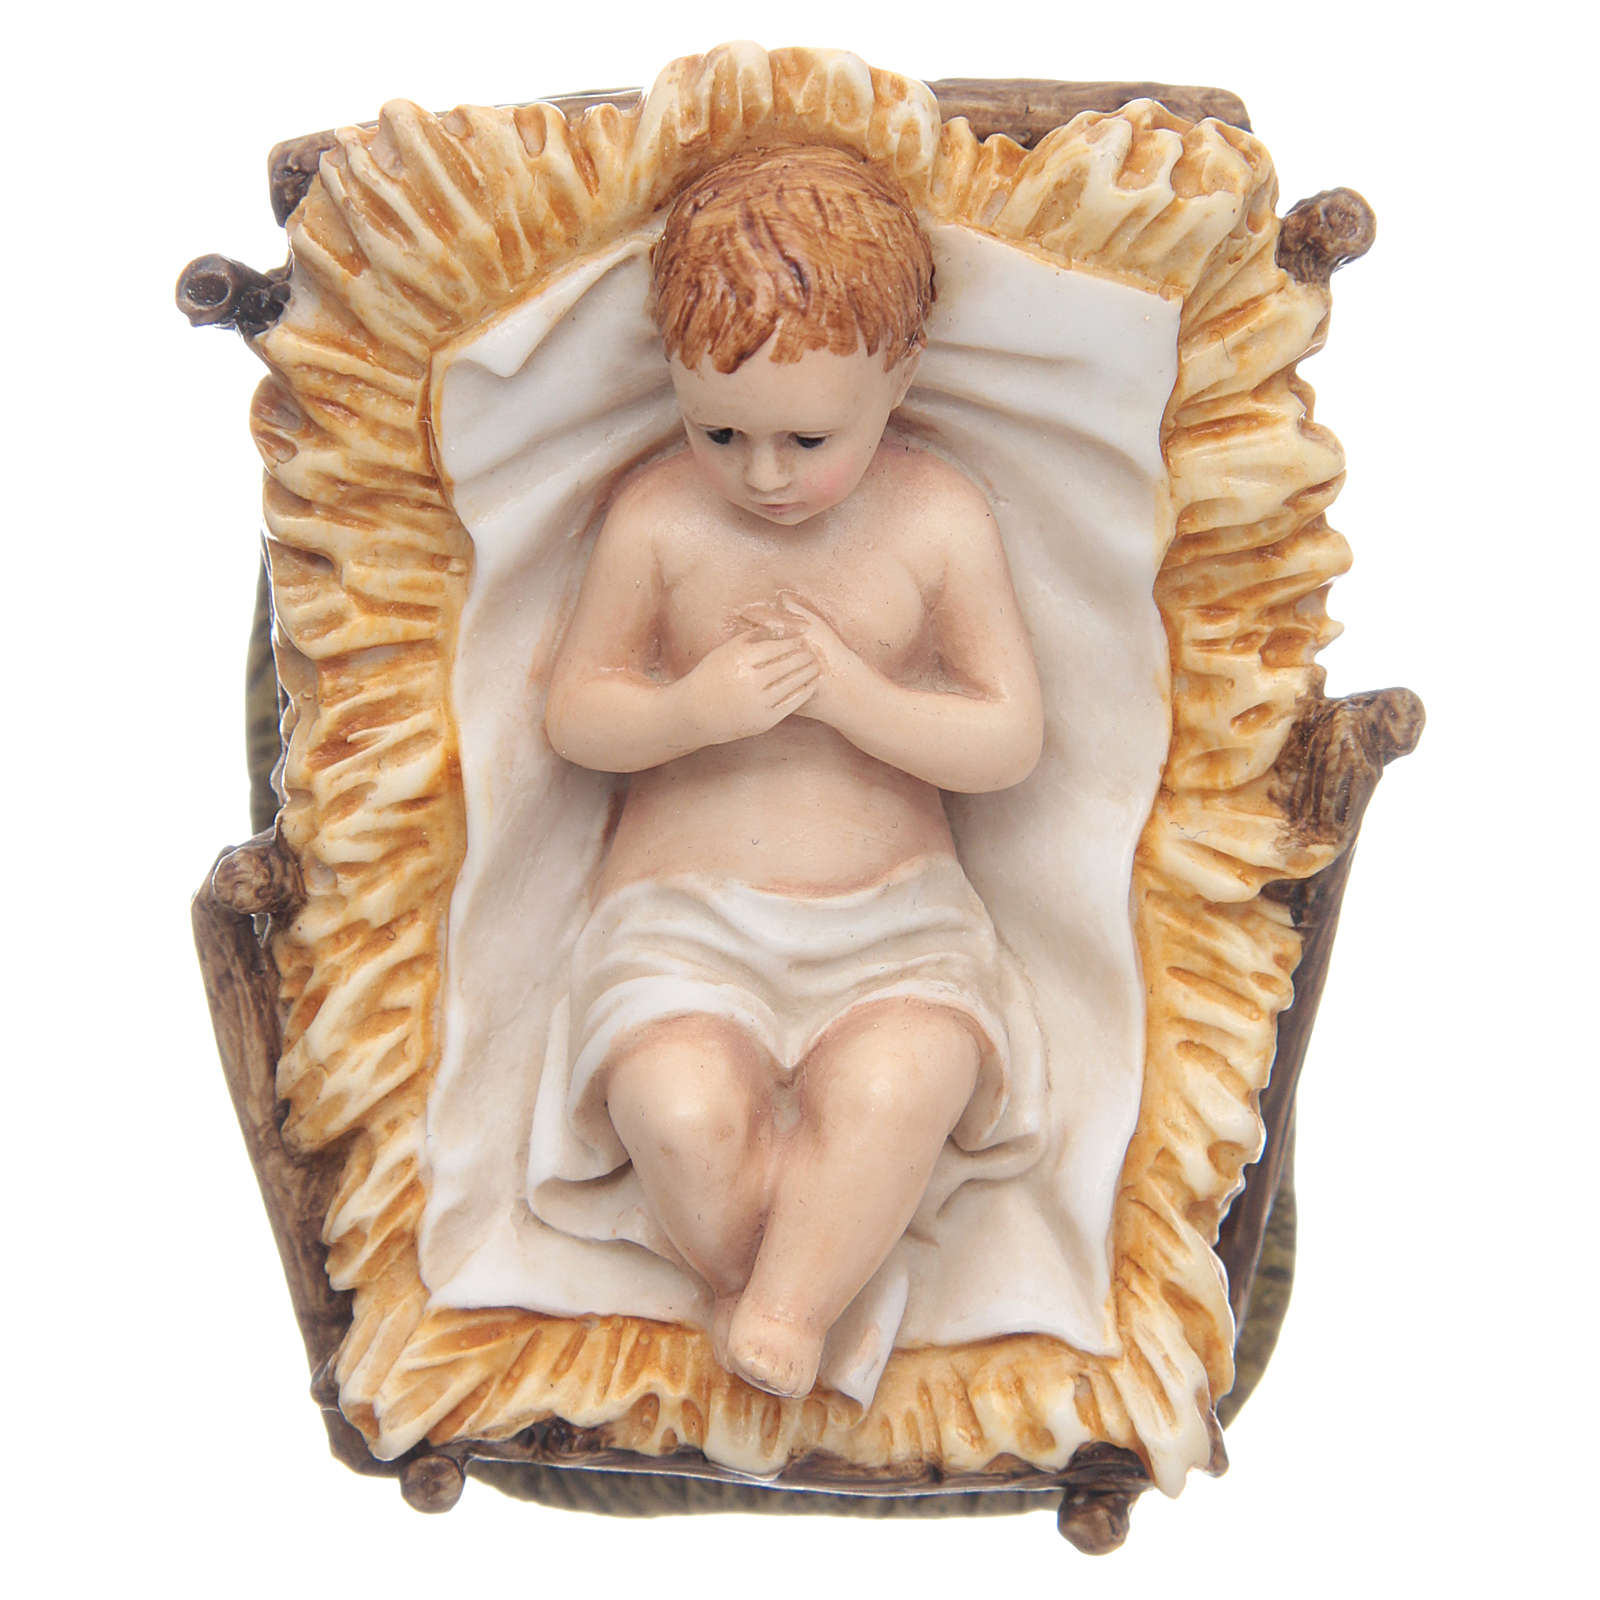 Enfant Jésus pour crèche de 11 cm Landi 3